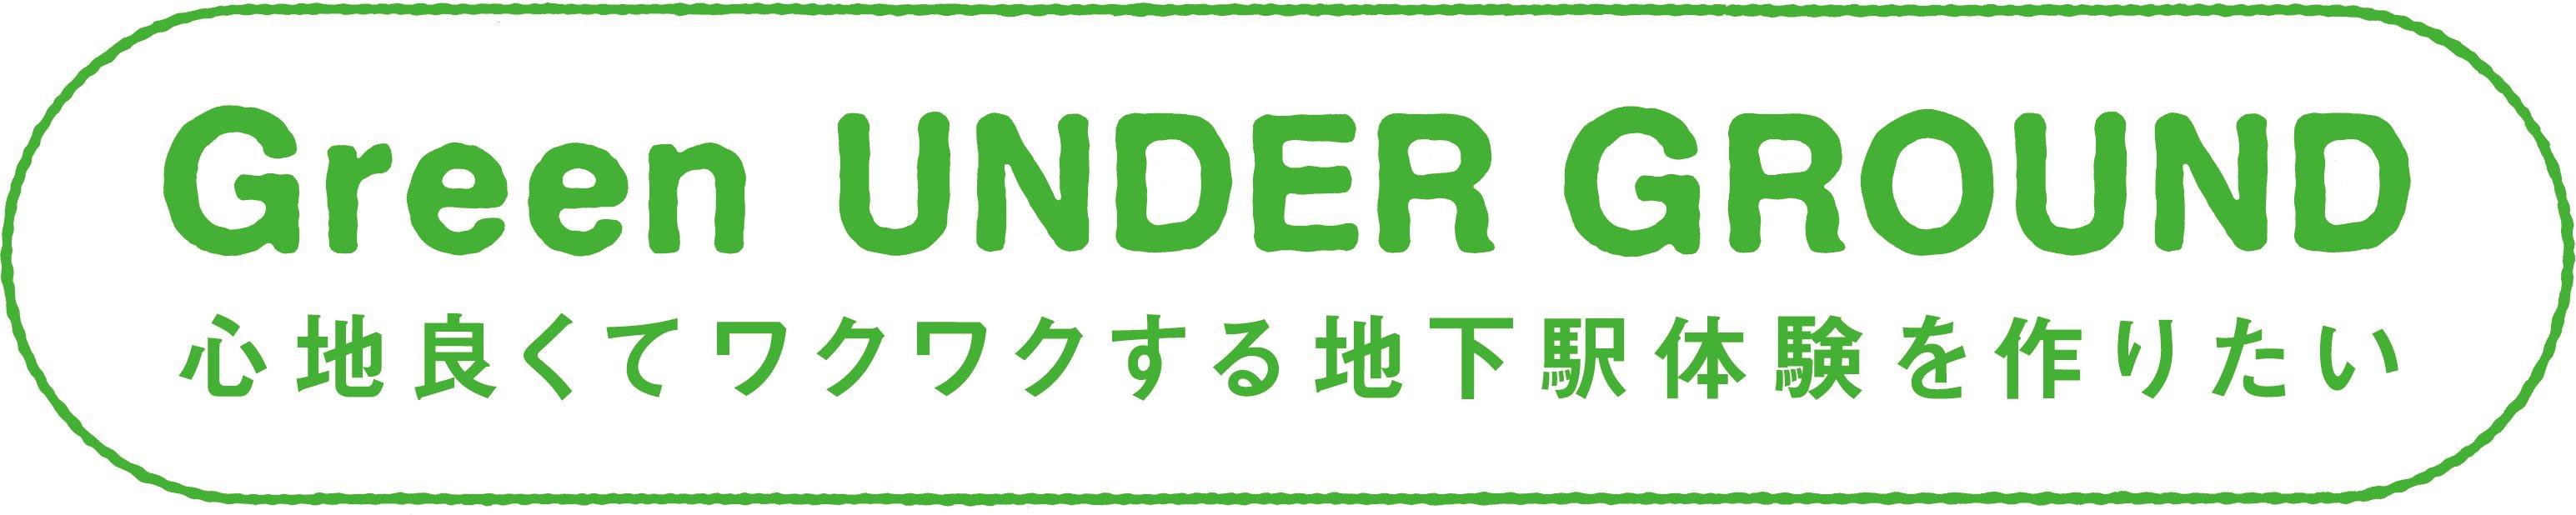 gug_logo_05